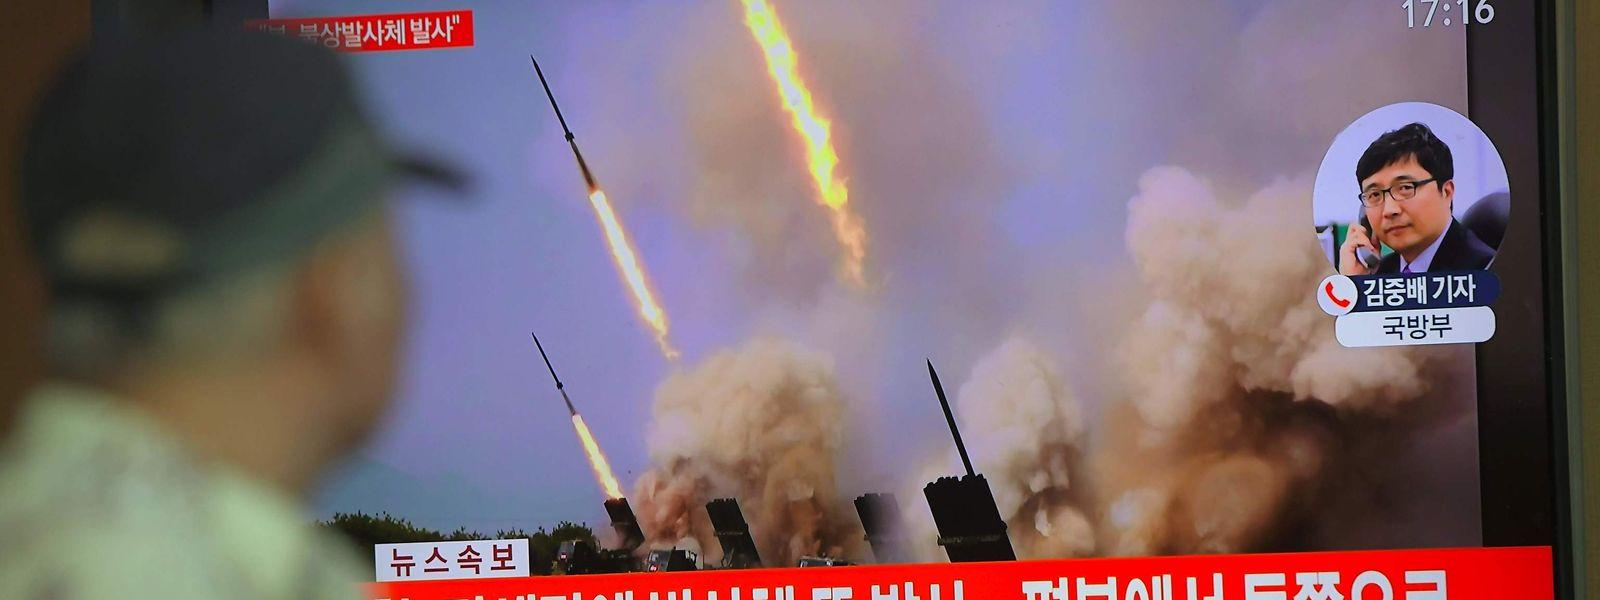 Bilder der Rakentests im offiziellen Nachrichtenkanal Nordkoreas.